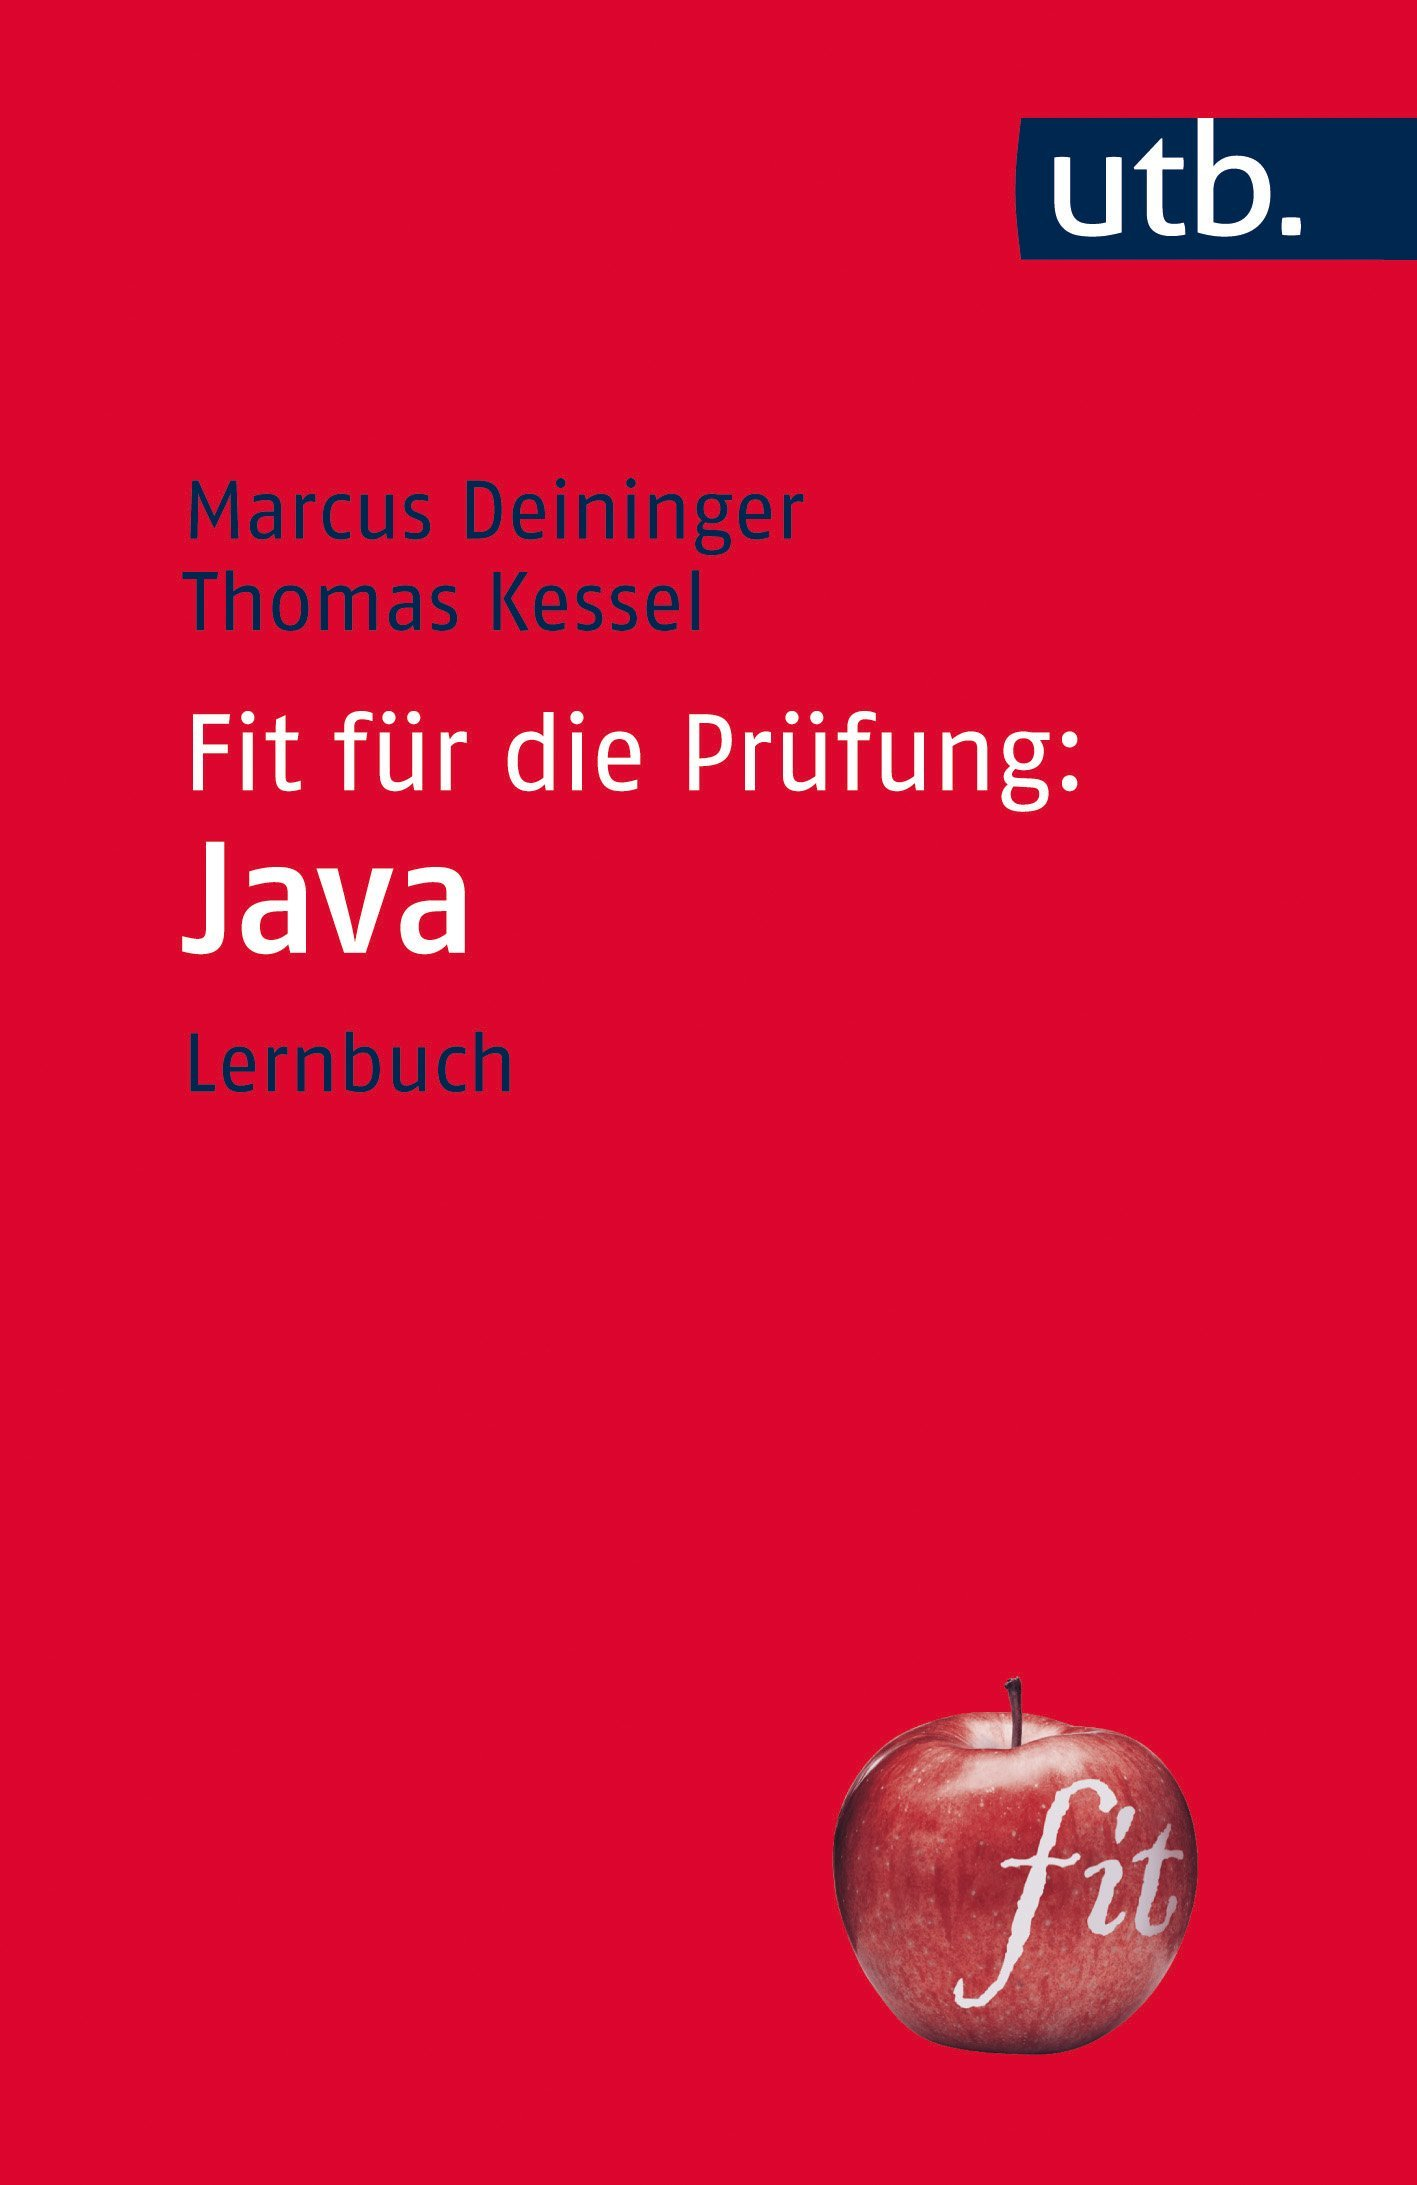 Fit für die Prüfung: Java: Lernbuch